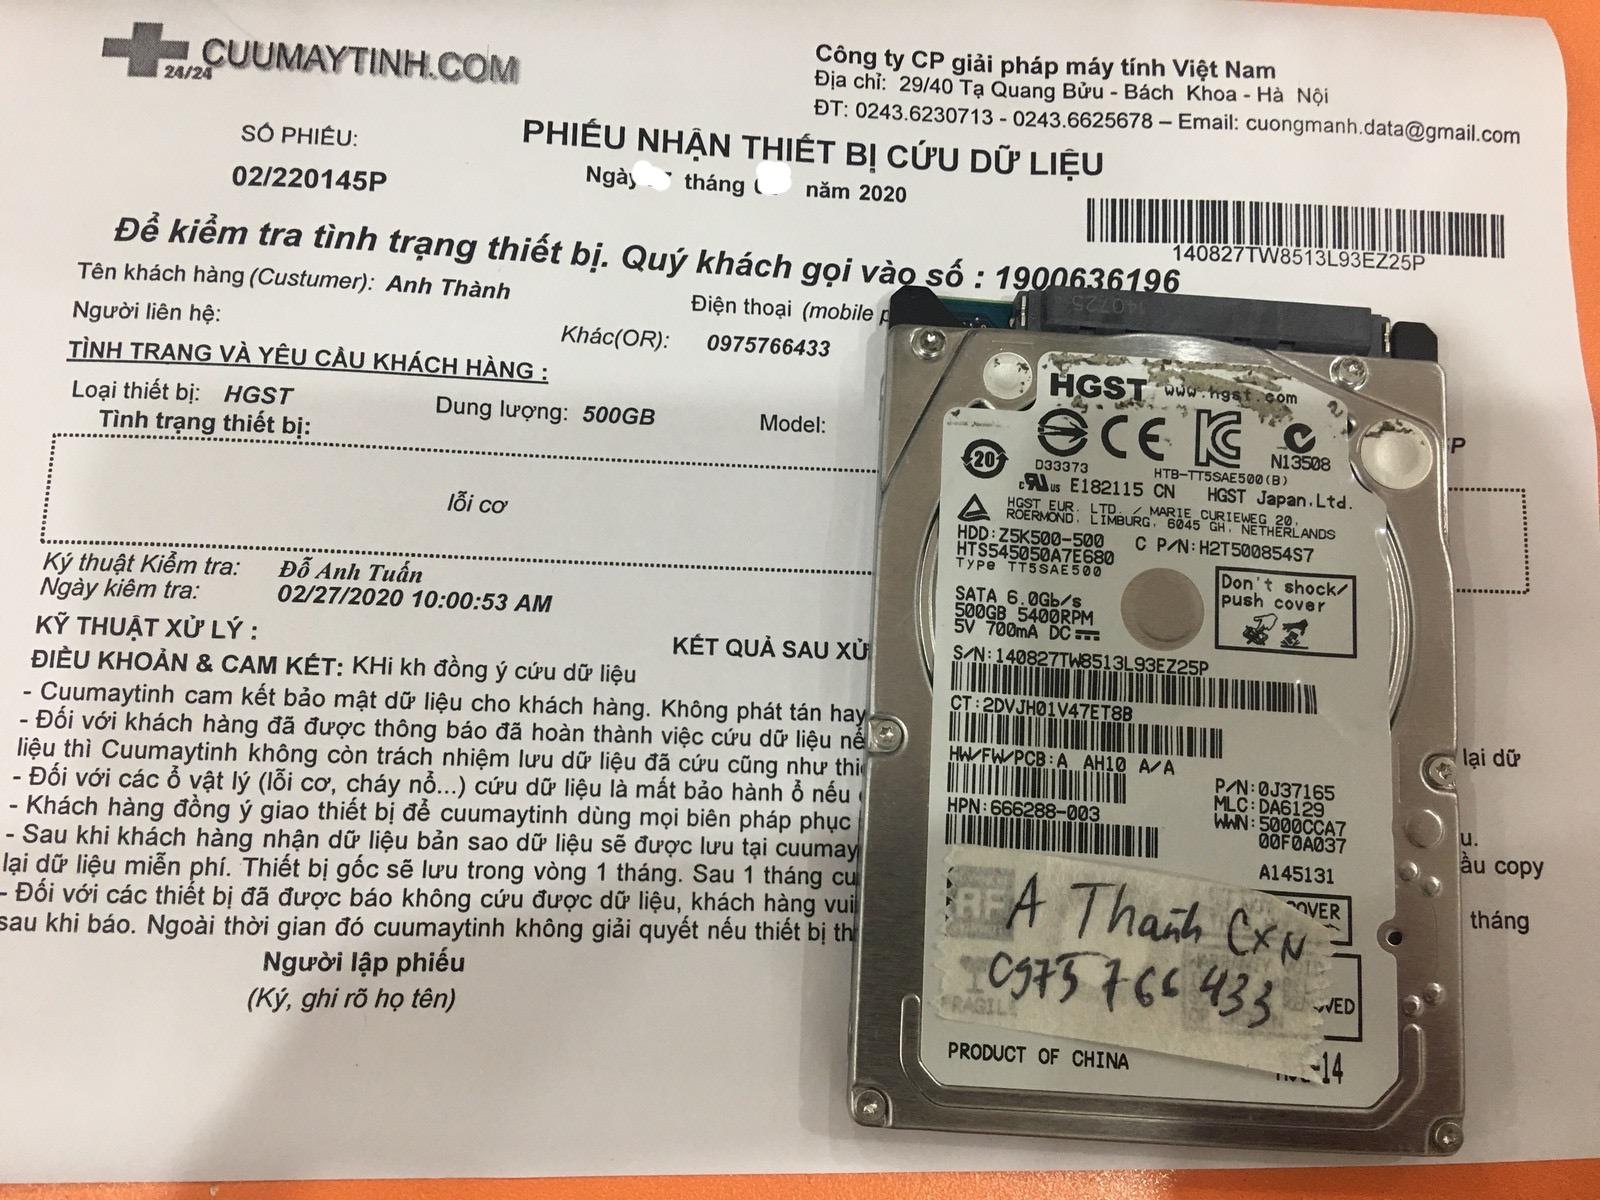 Phục hồi dữ liệu ổ cứng HGST 500GB lỗi cơ 04/03/2020 - cuumaytinh